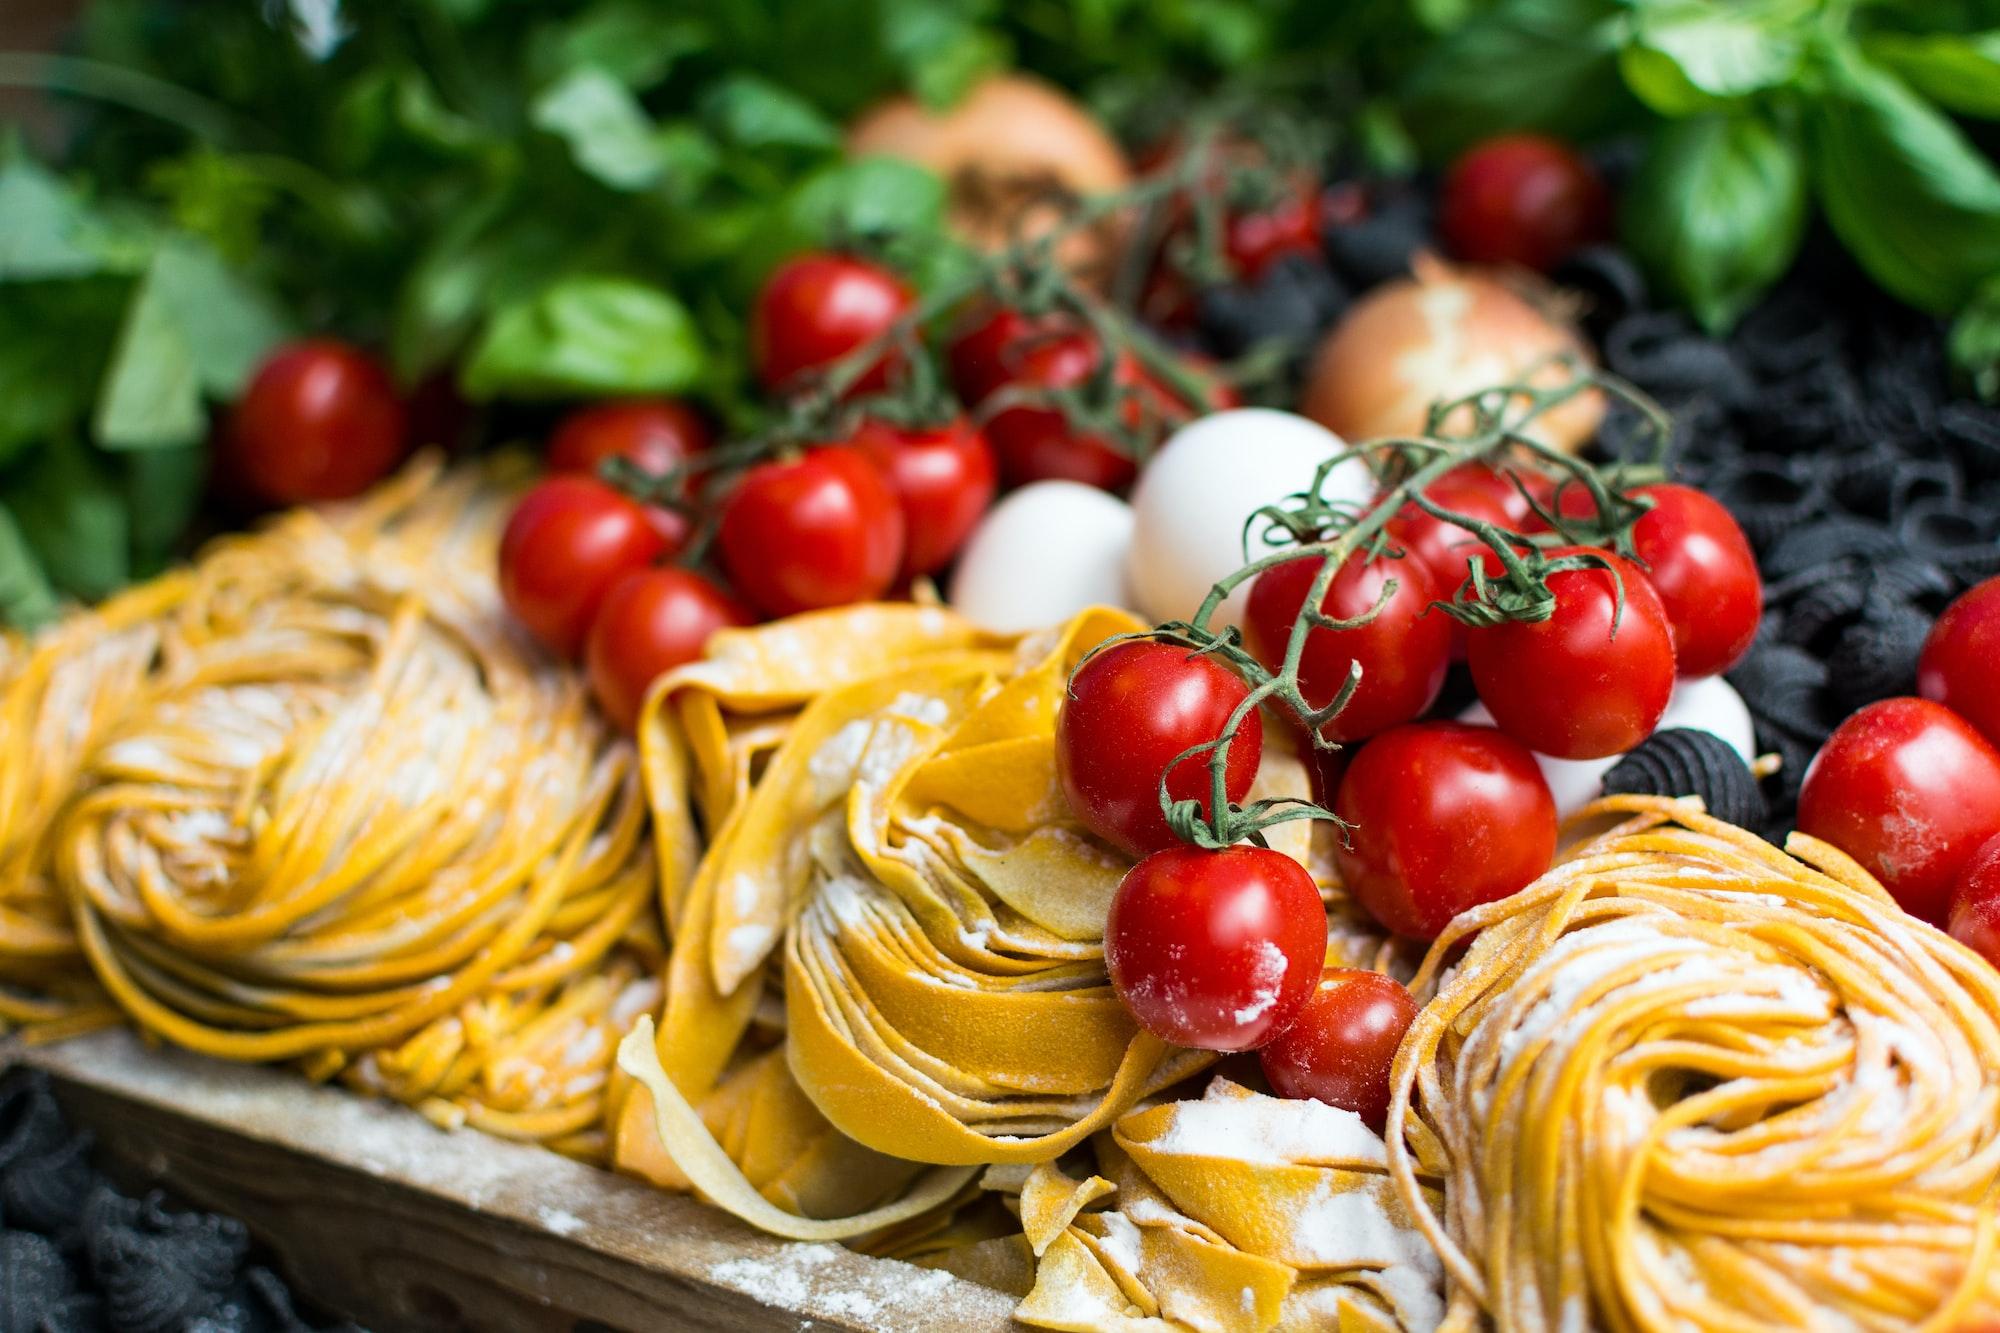 Colorful Eatalian Ingredients